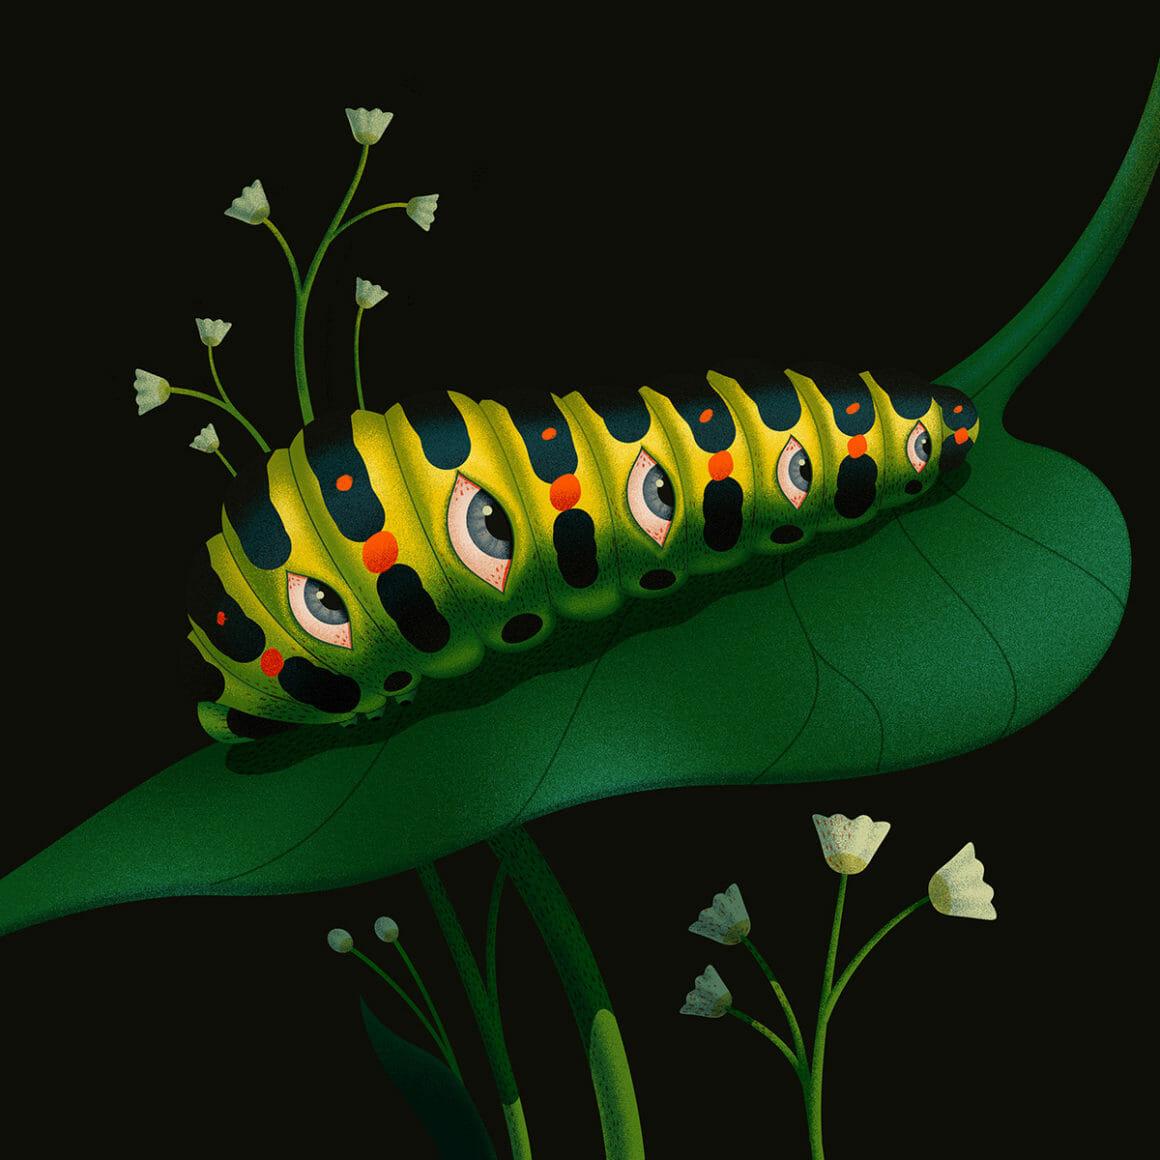 Caterpillar par Ana Miminoshvili pour sa série Blooming Eyes